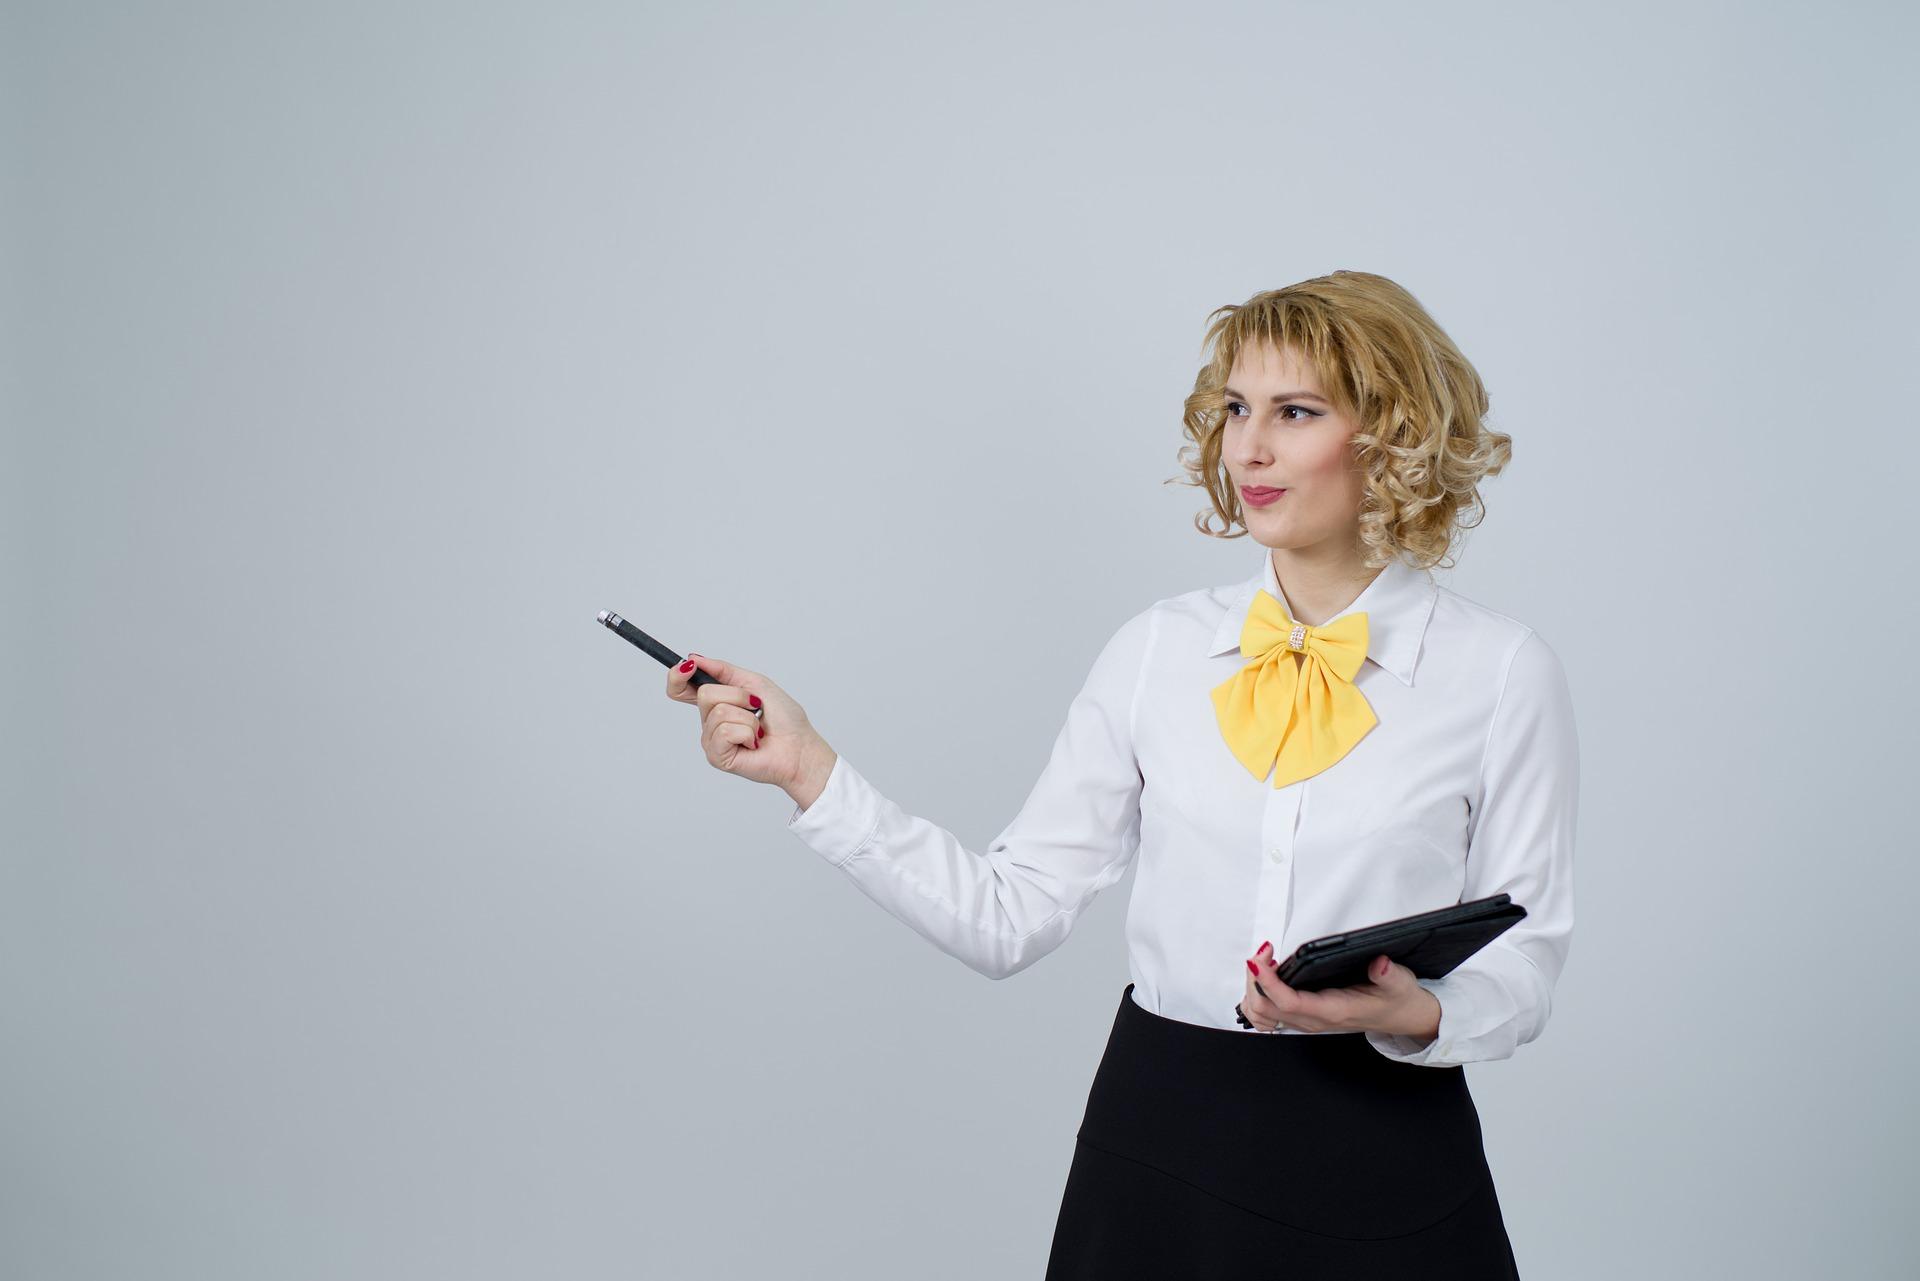 20 + 1 jótanács, hogy jól indíts az új munkahelyeden